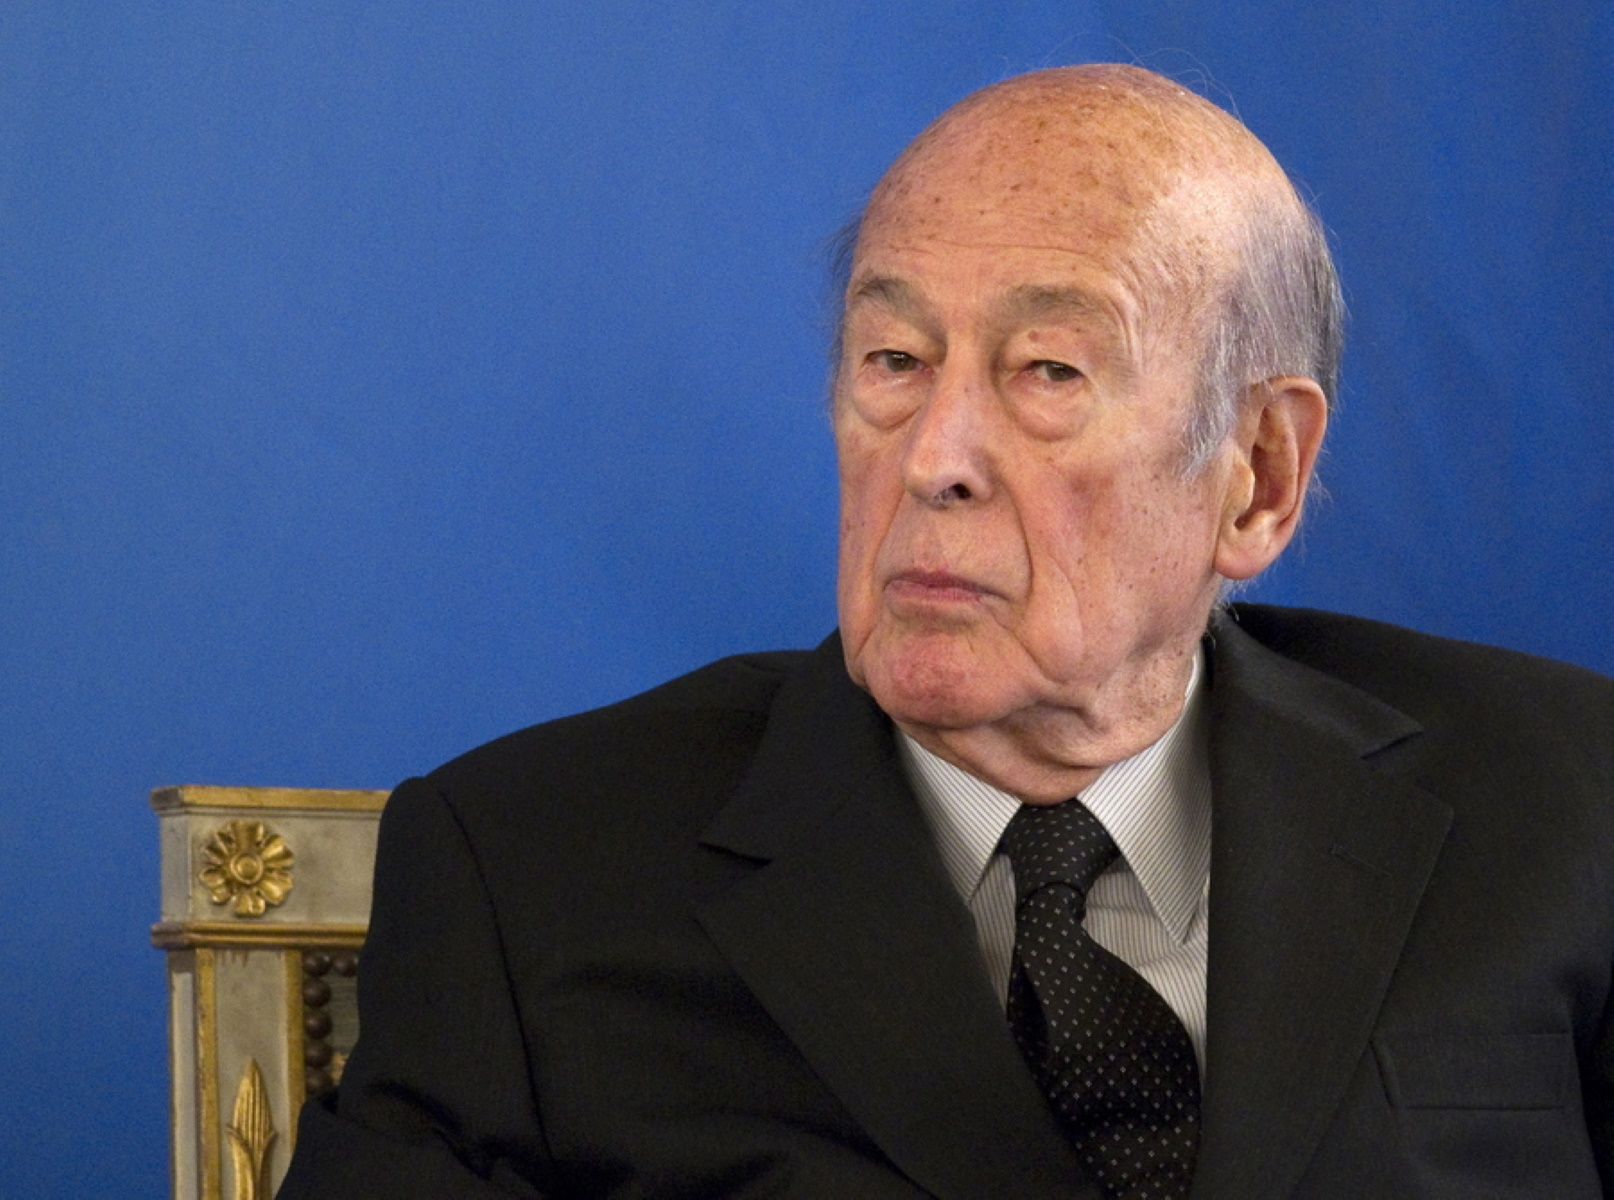 Γαλλία: Σε στενό οικογενειακό κύκλο η κηδεία του Βαλερί Ζισκάρ ντ' Εστέν – Hμέρα εθνικού πένθους η Τετάρτη